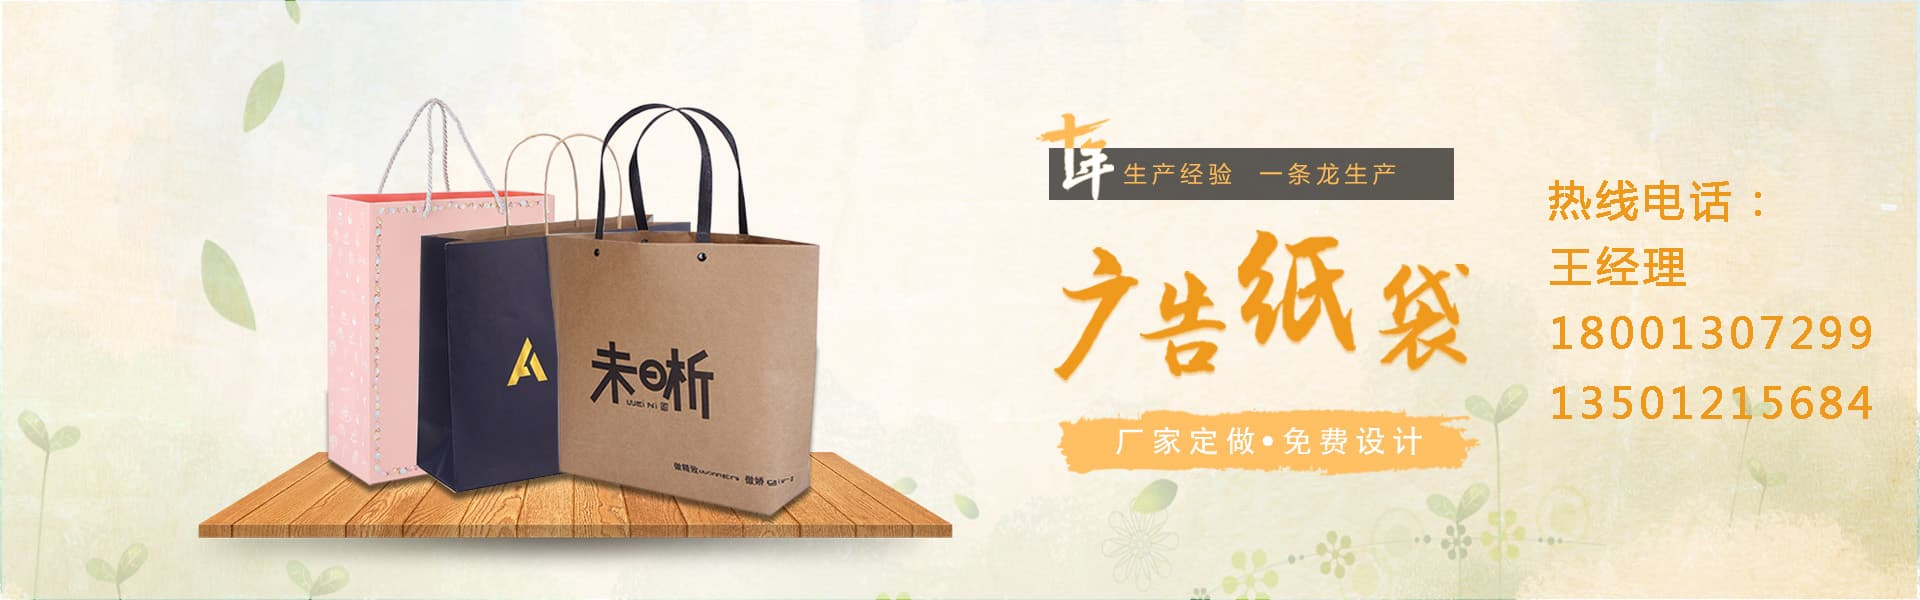 北京印刷公司